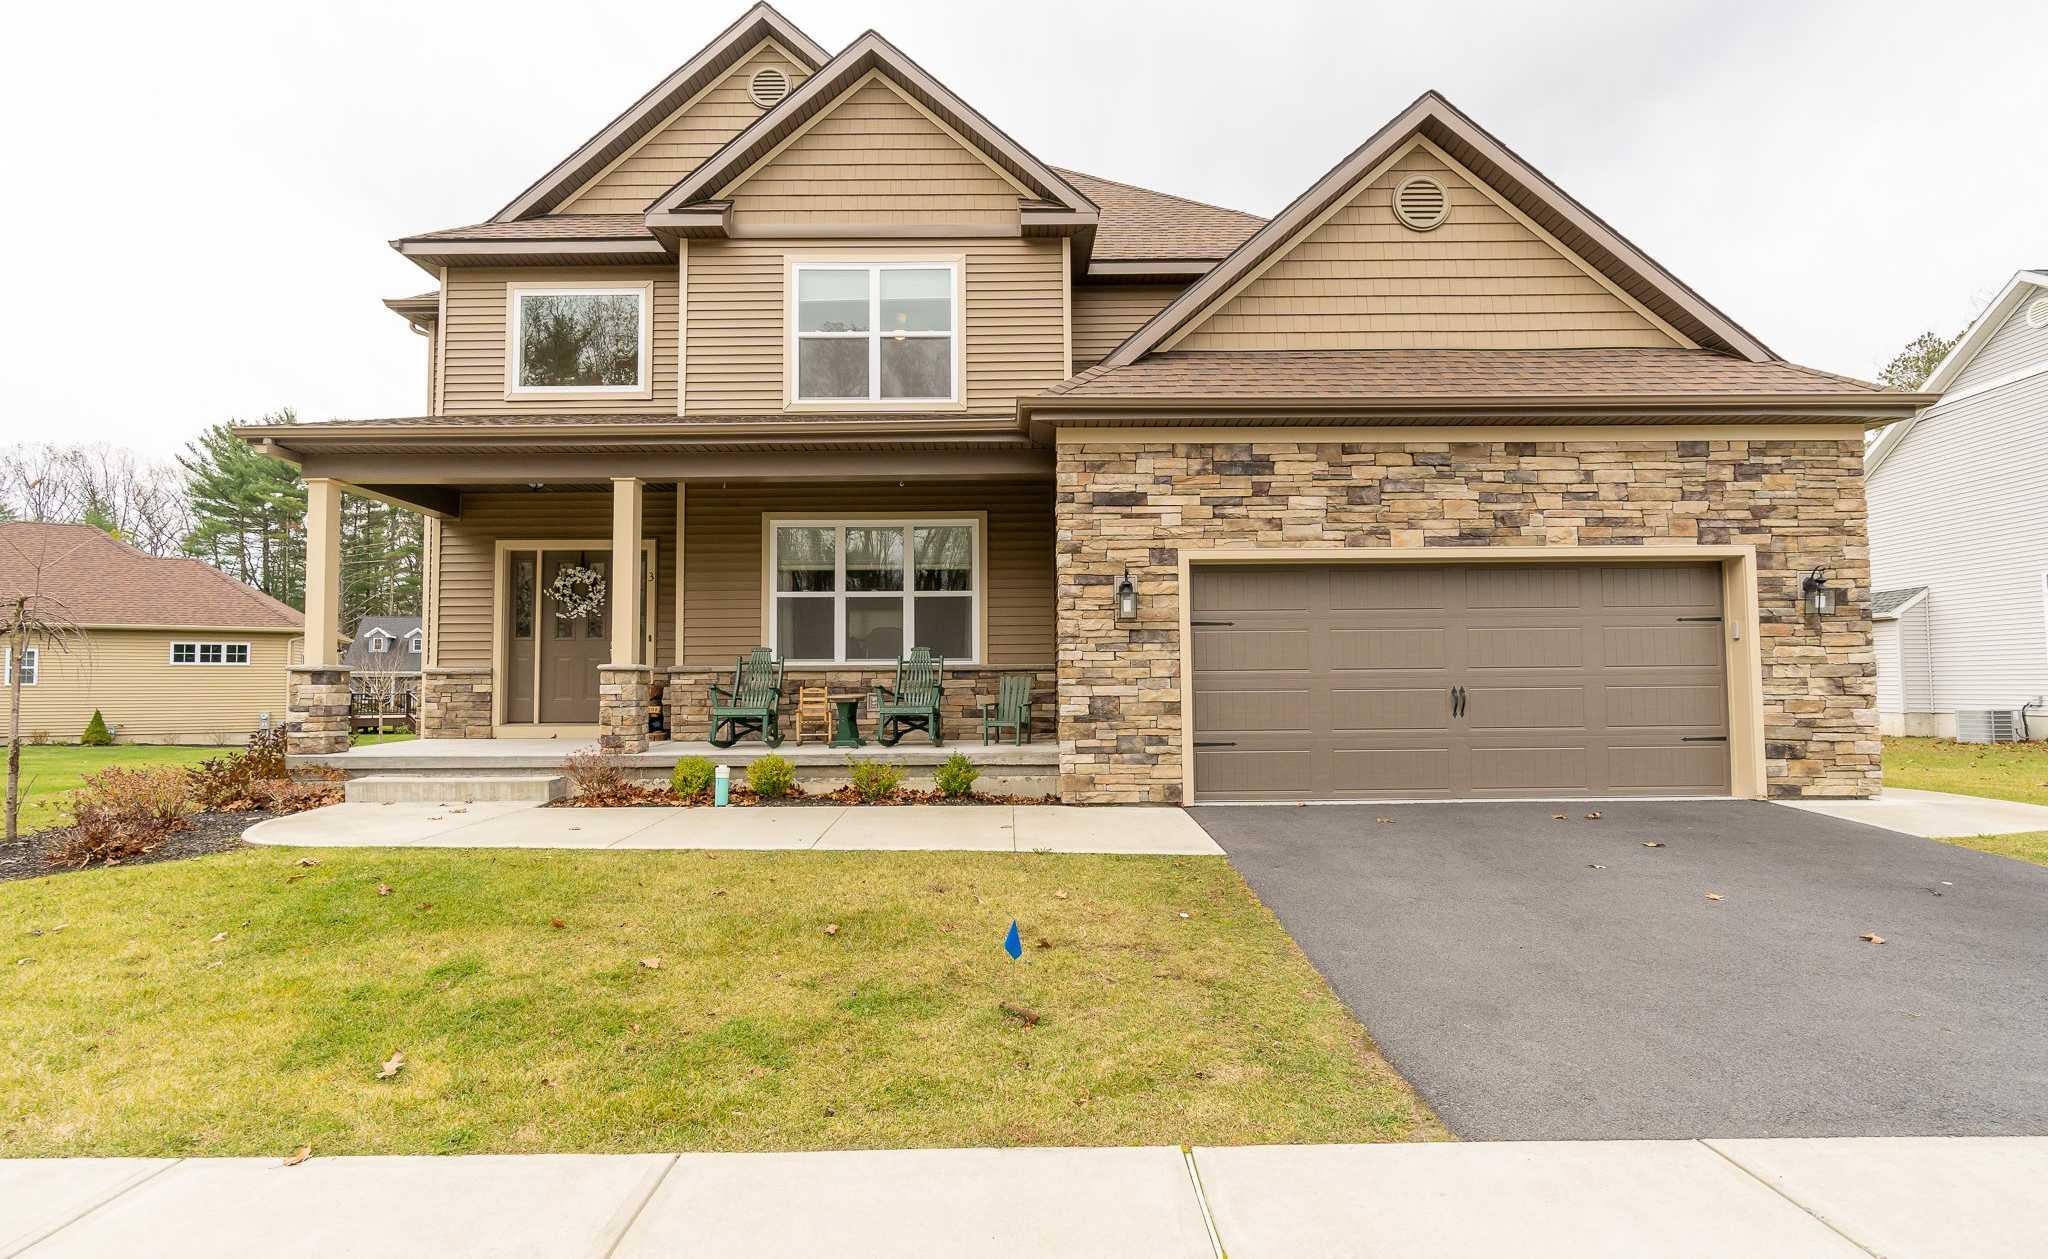 $549,995 - 4Br/4Ba -  for Sale in Saratoga Springs